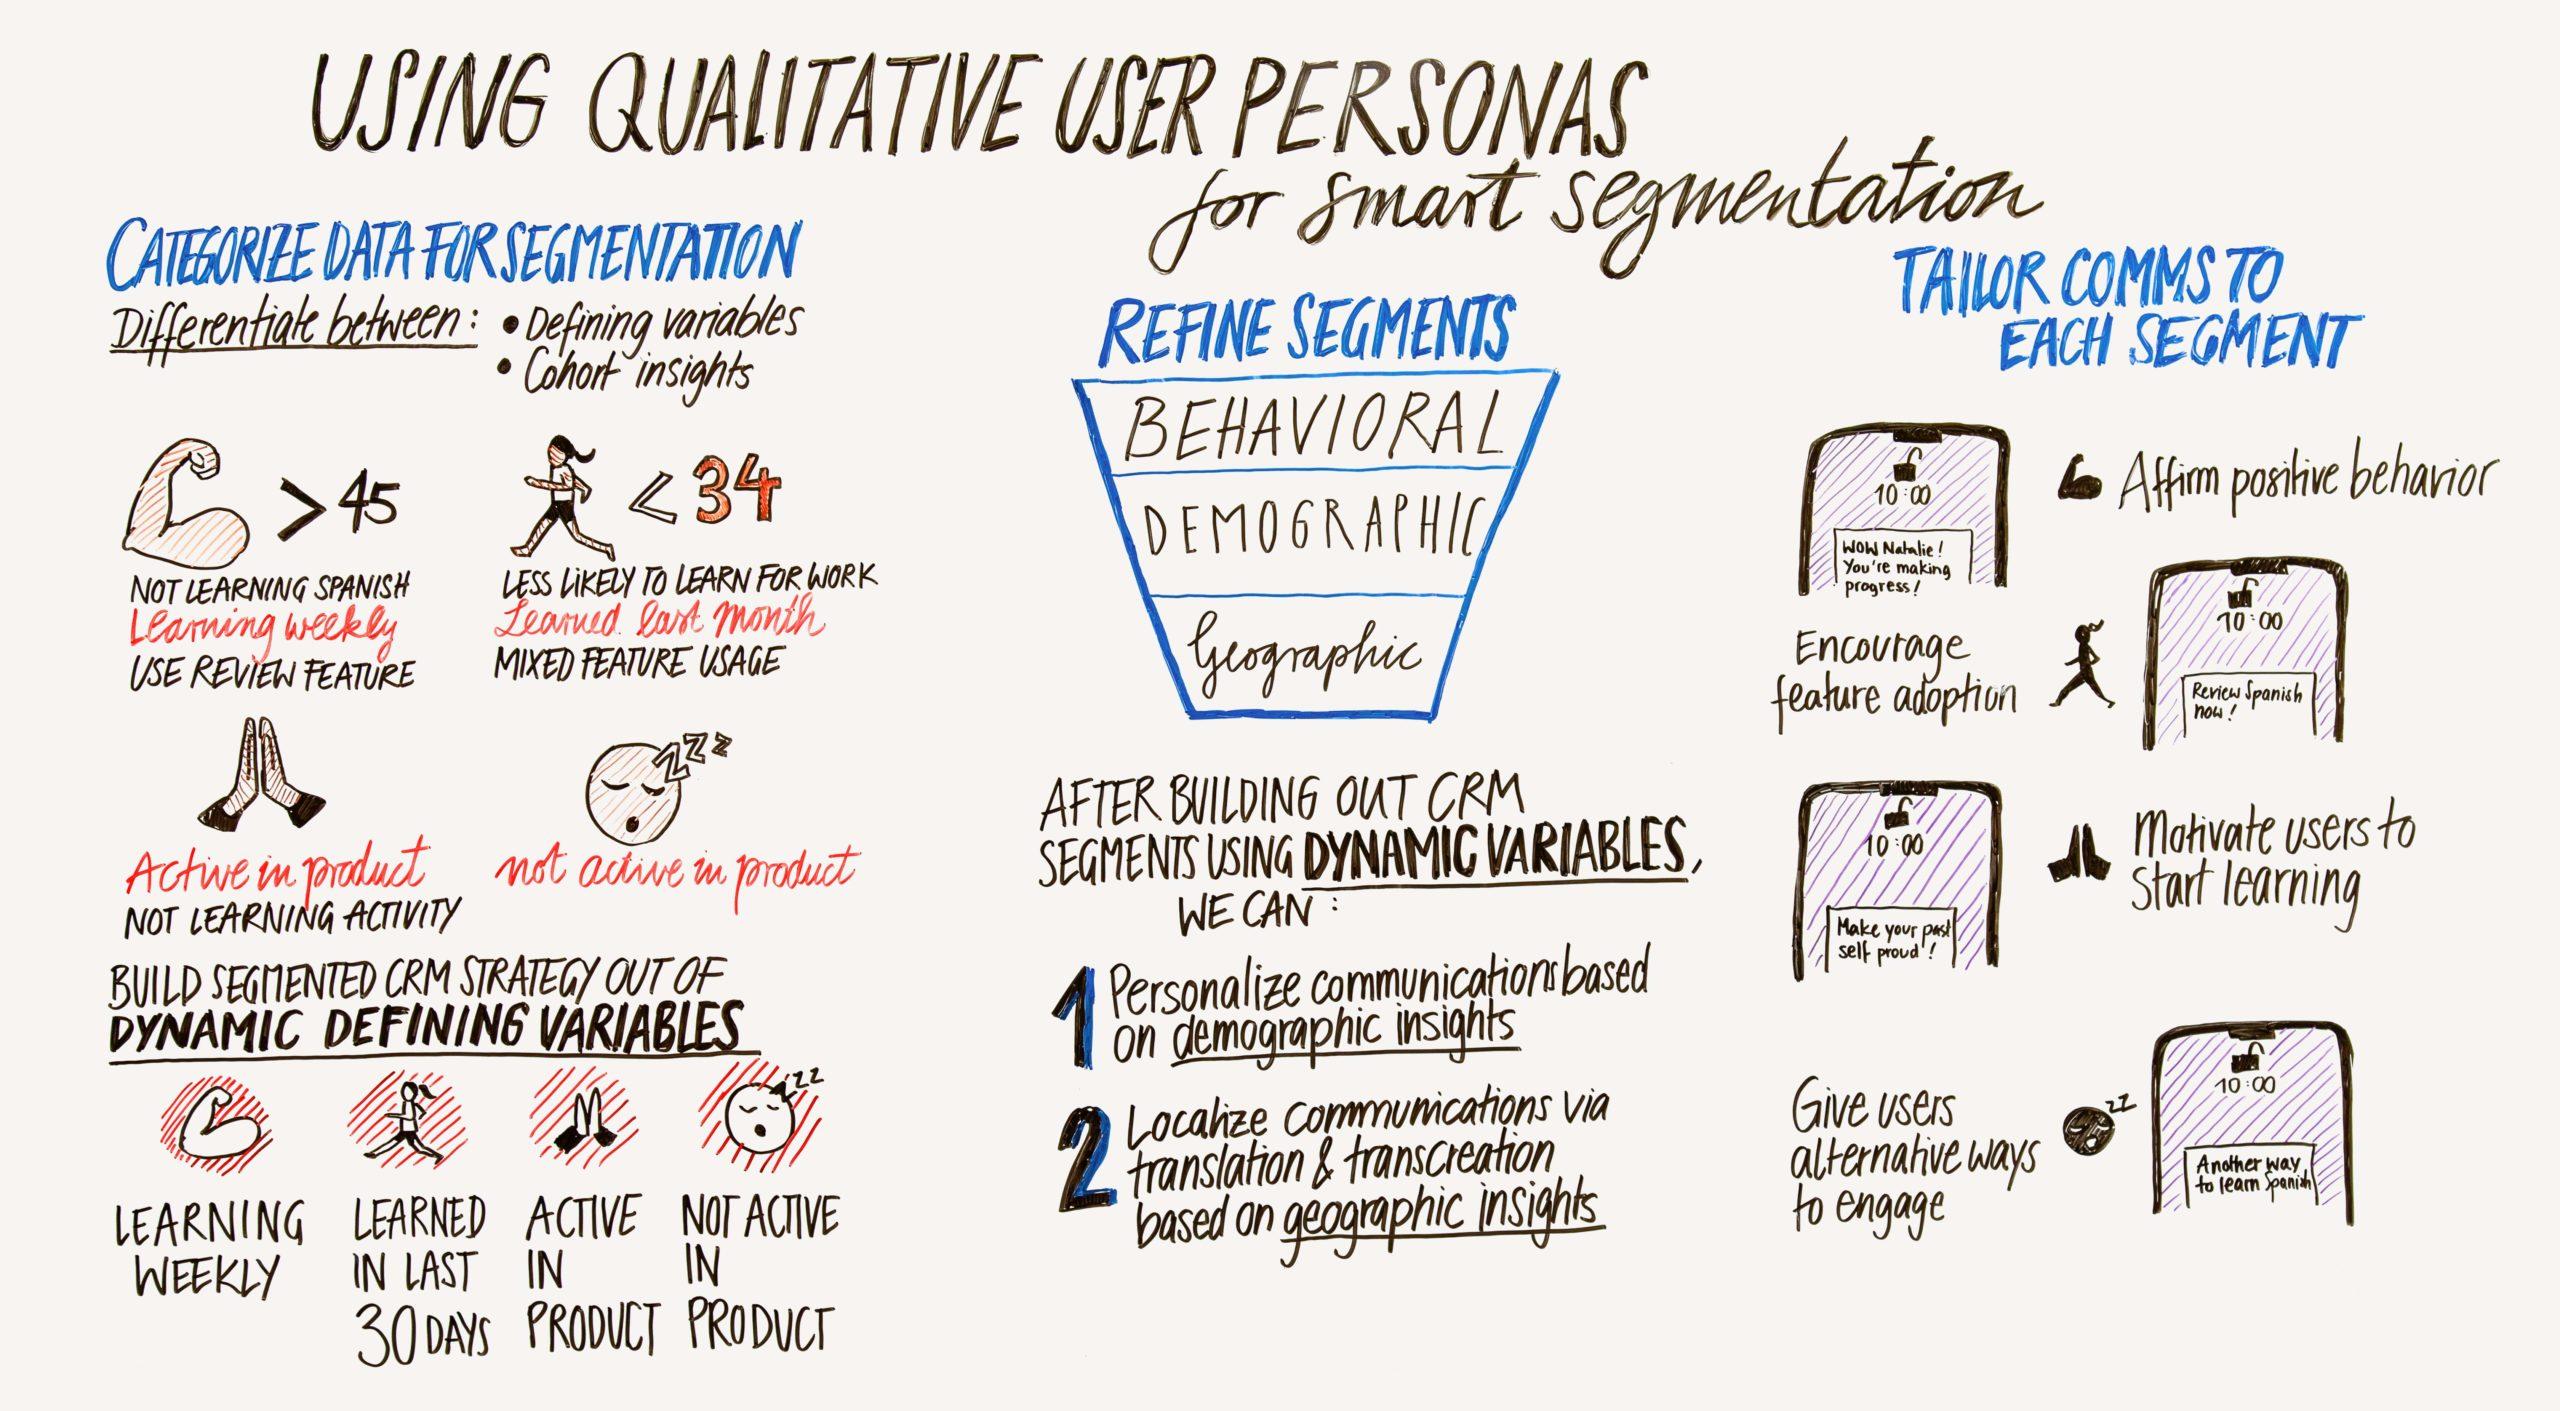 using qualitative user personas for smart segmentation